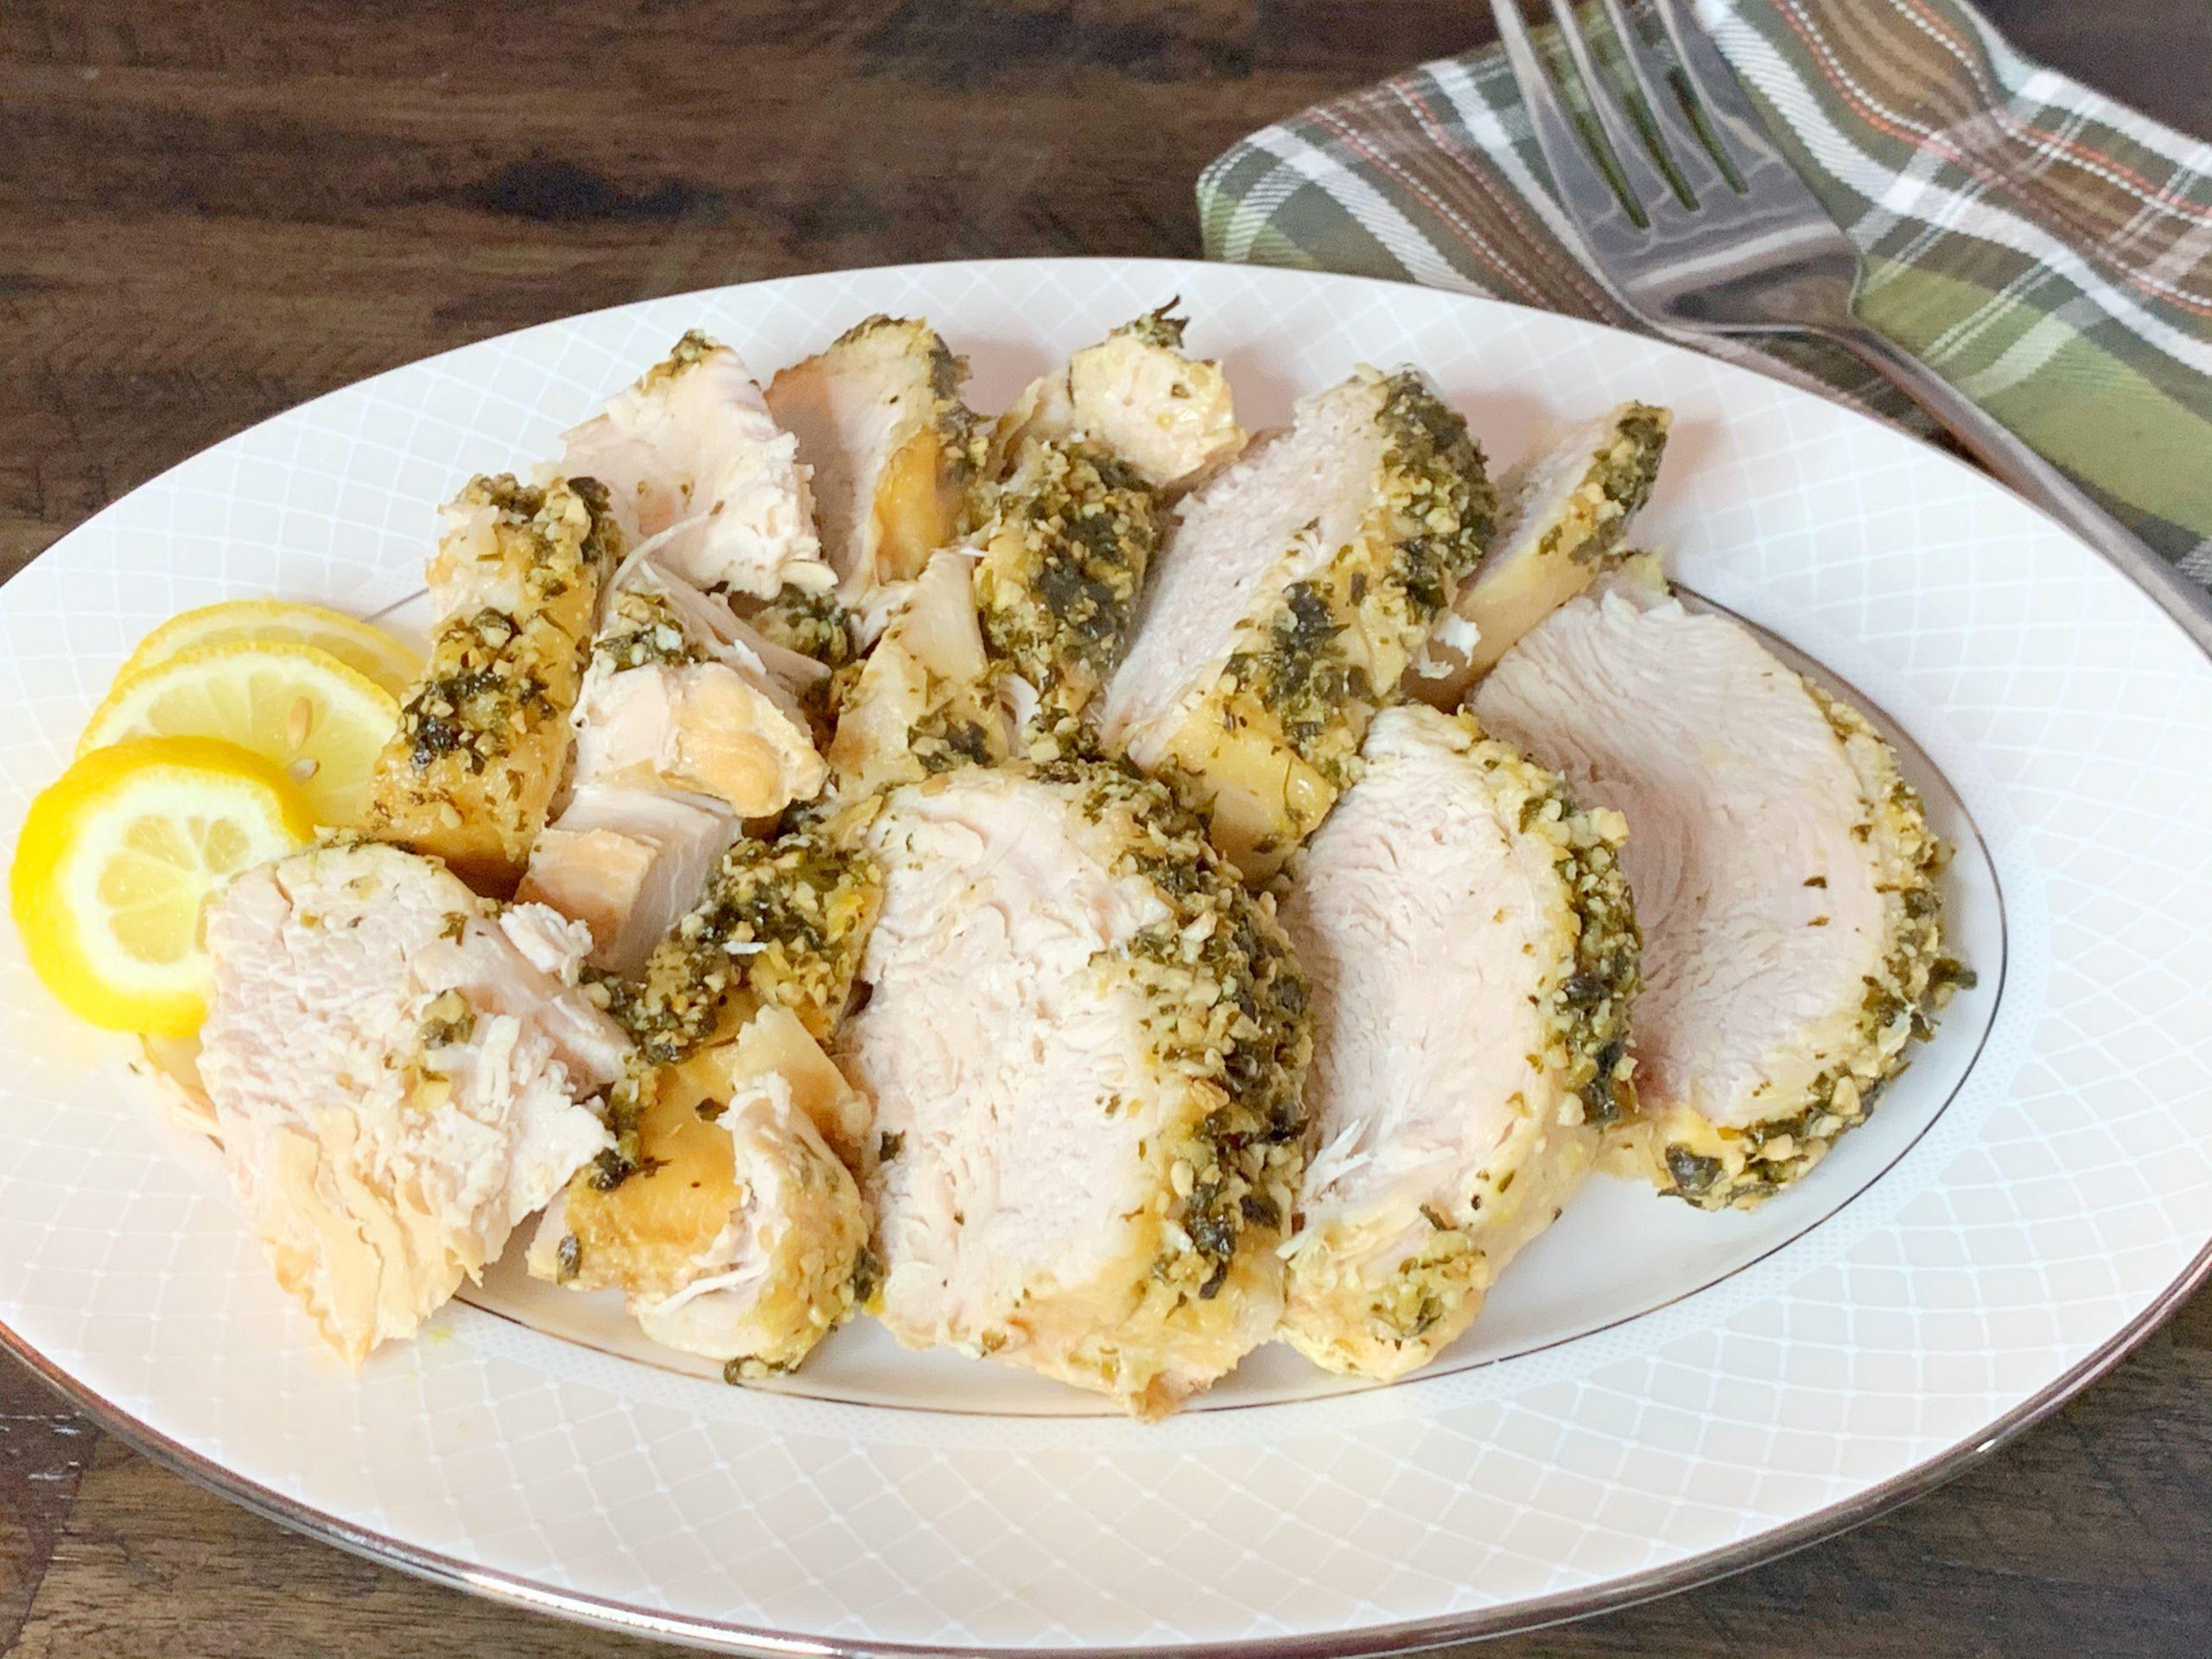 Boneless Lemon Garlic Slow Cooker Turkey Breast